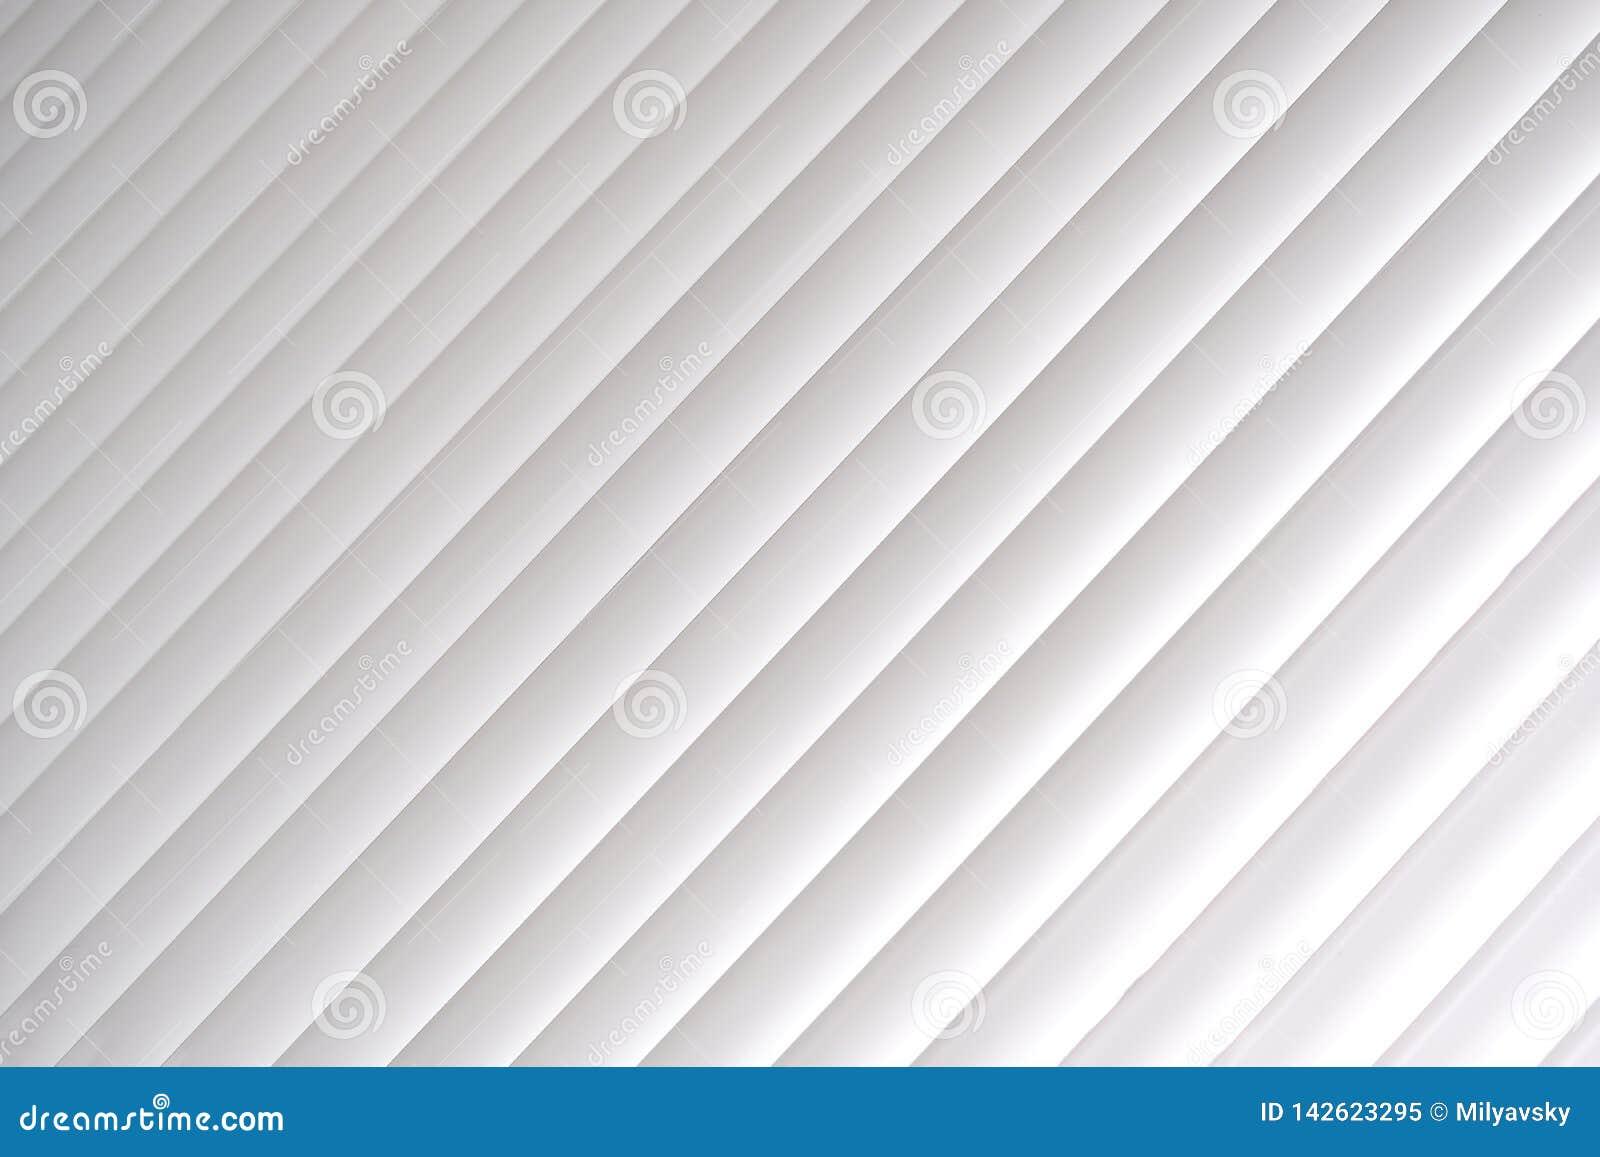 Белая абстрактная предпосылка, линии, свет